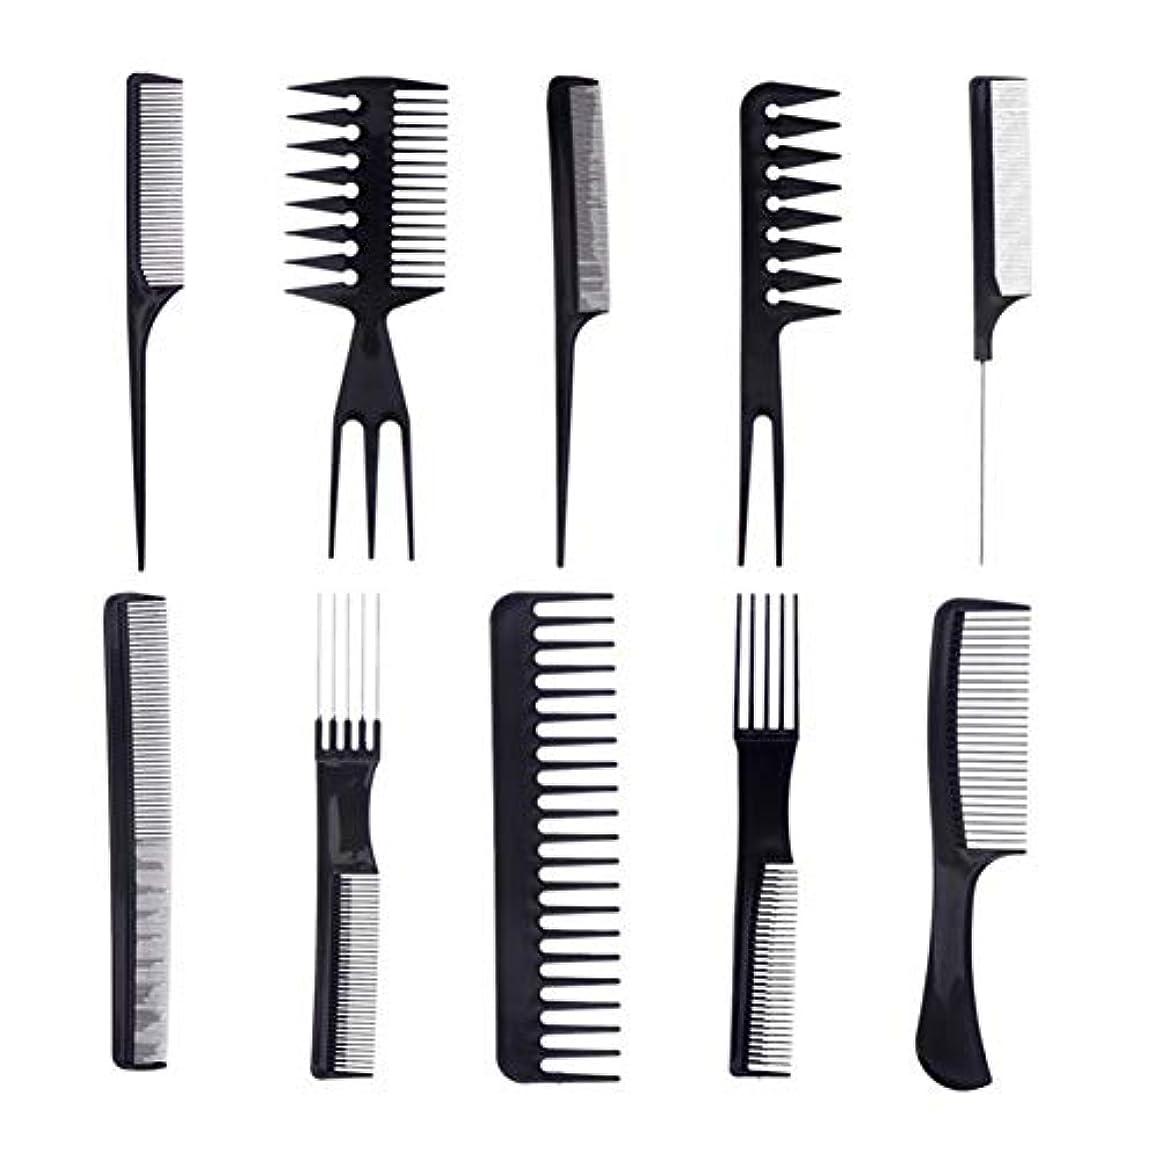 姪ボイラーコンピュータープロの櫛静電気防止コームのヘアーサロンビューティーサロンスタイリングツールや髪のすべてのタイプ(黒)の10 /セット